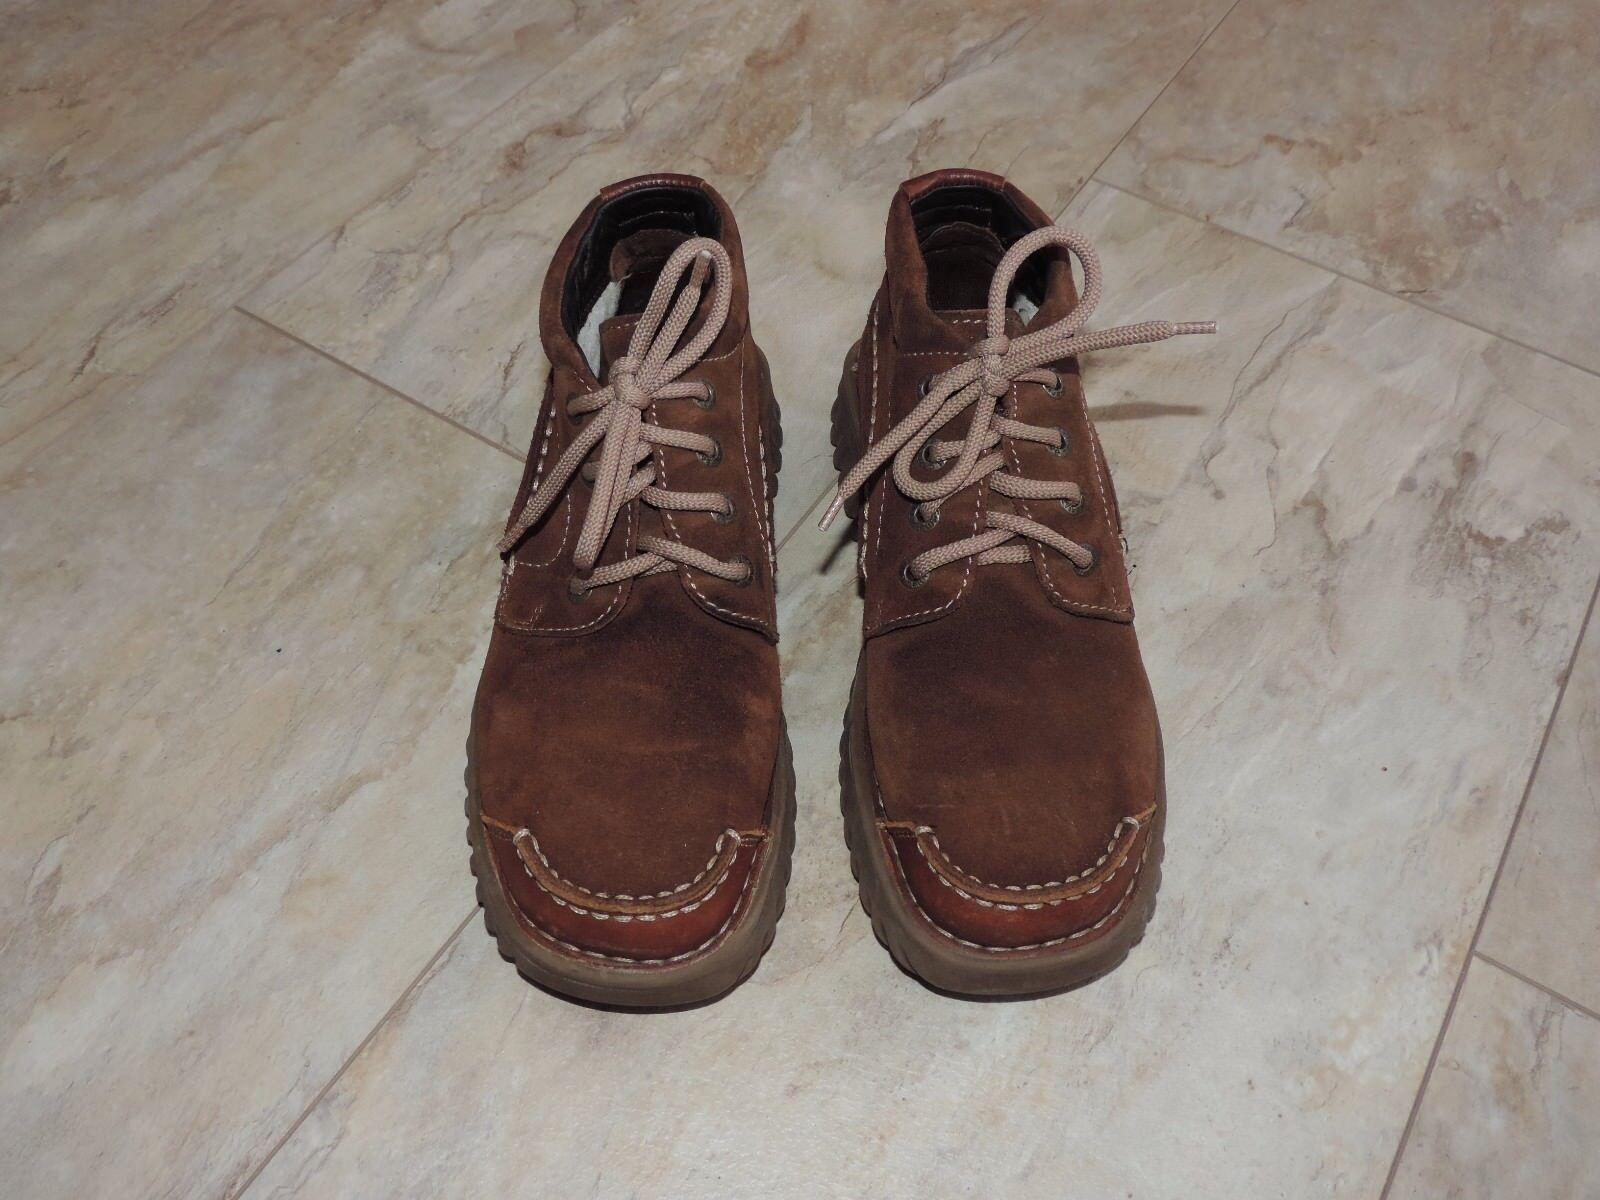 Camel Active Herren Boots, Gr. 6,5